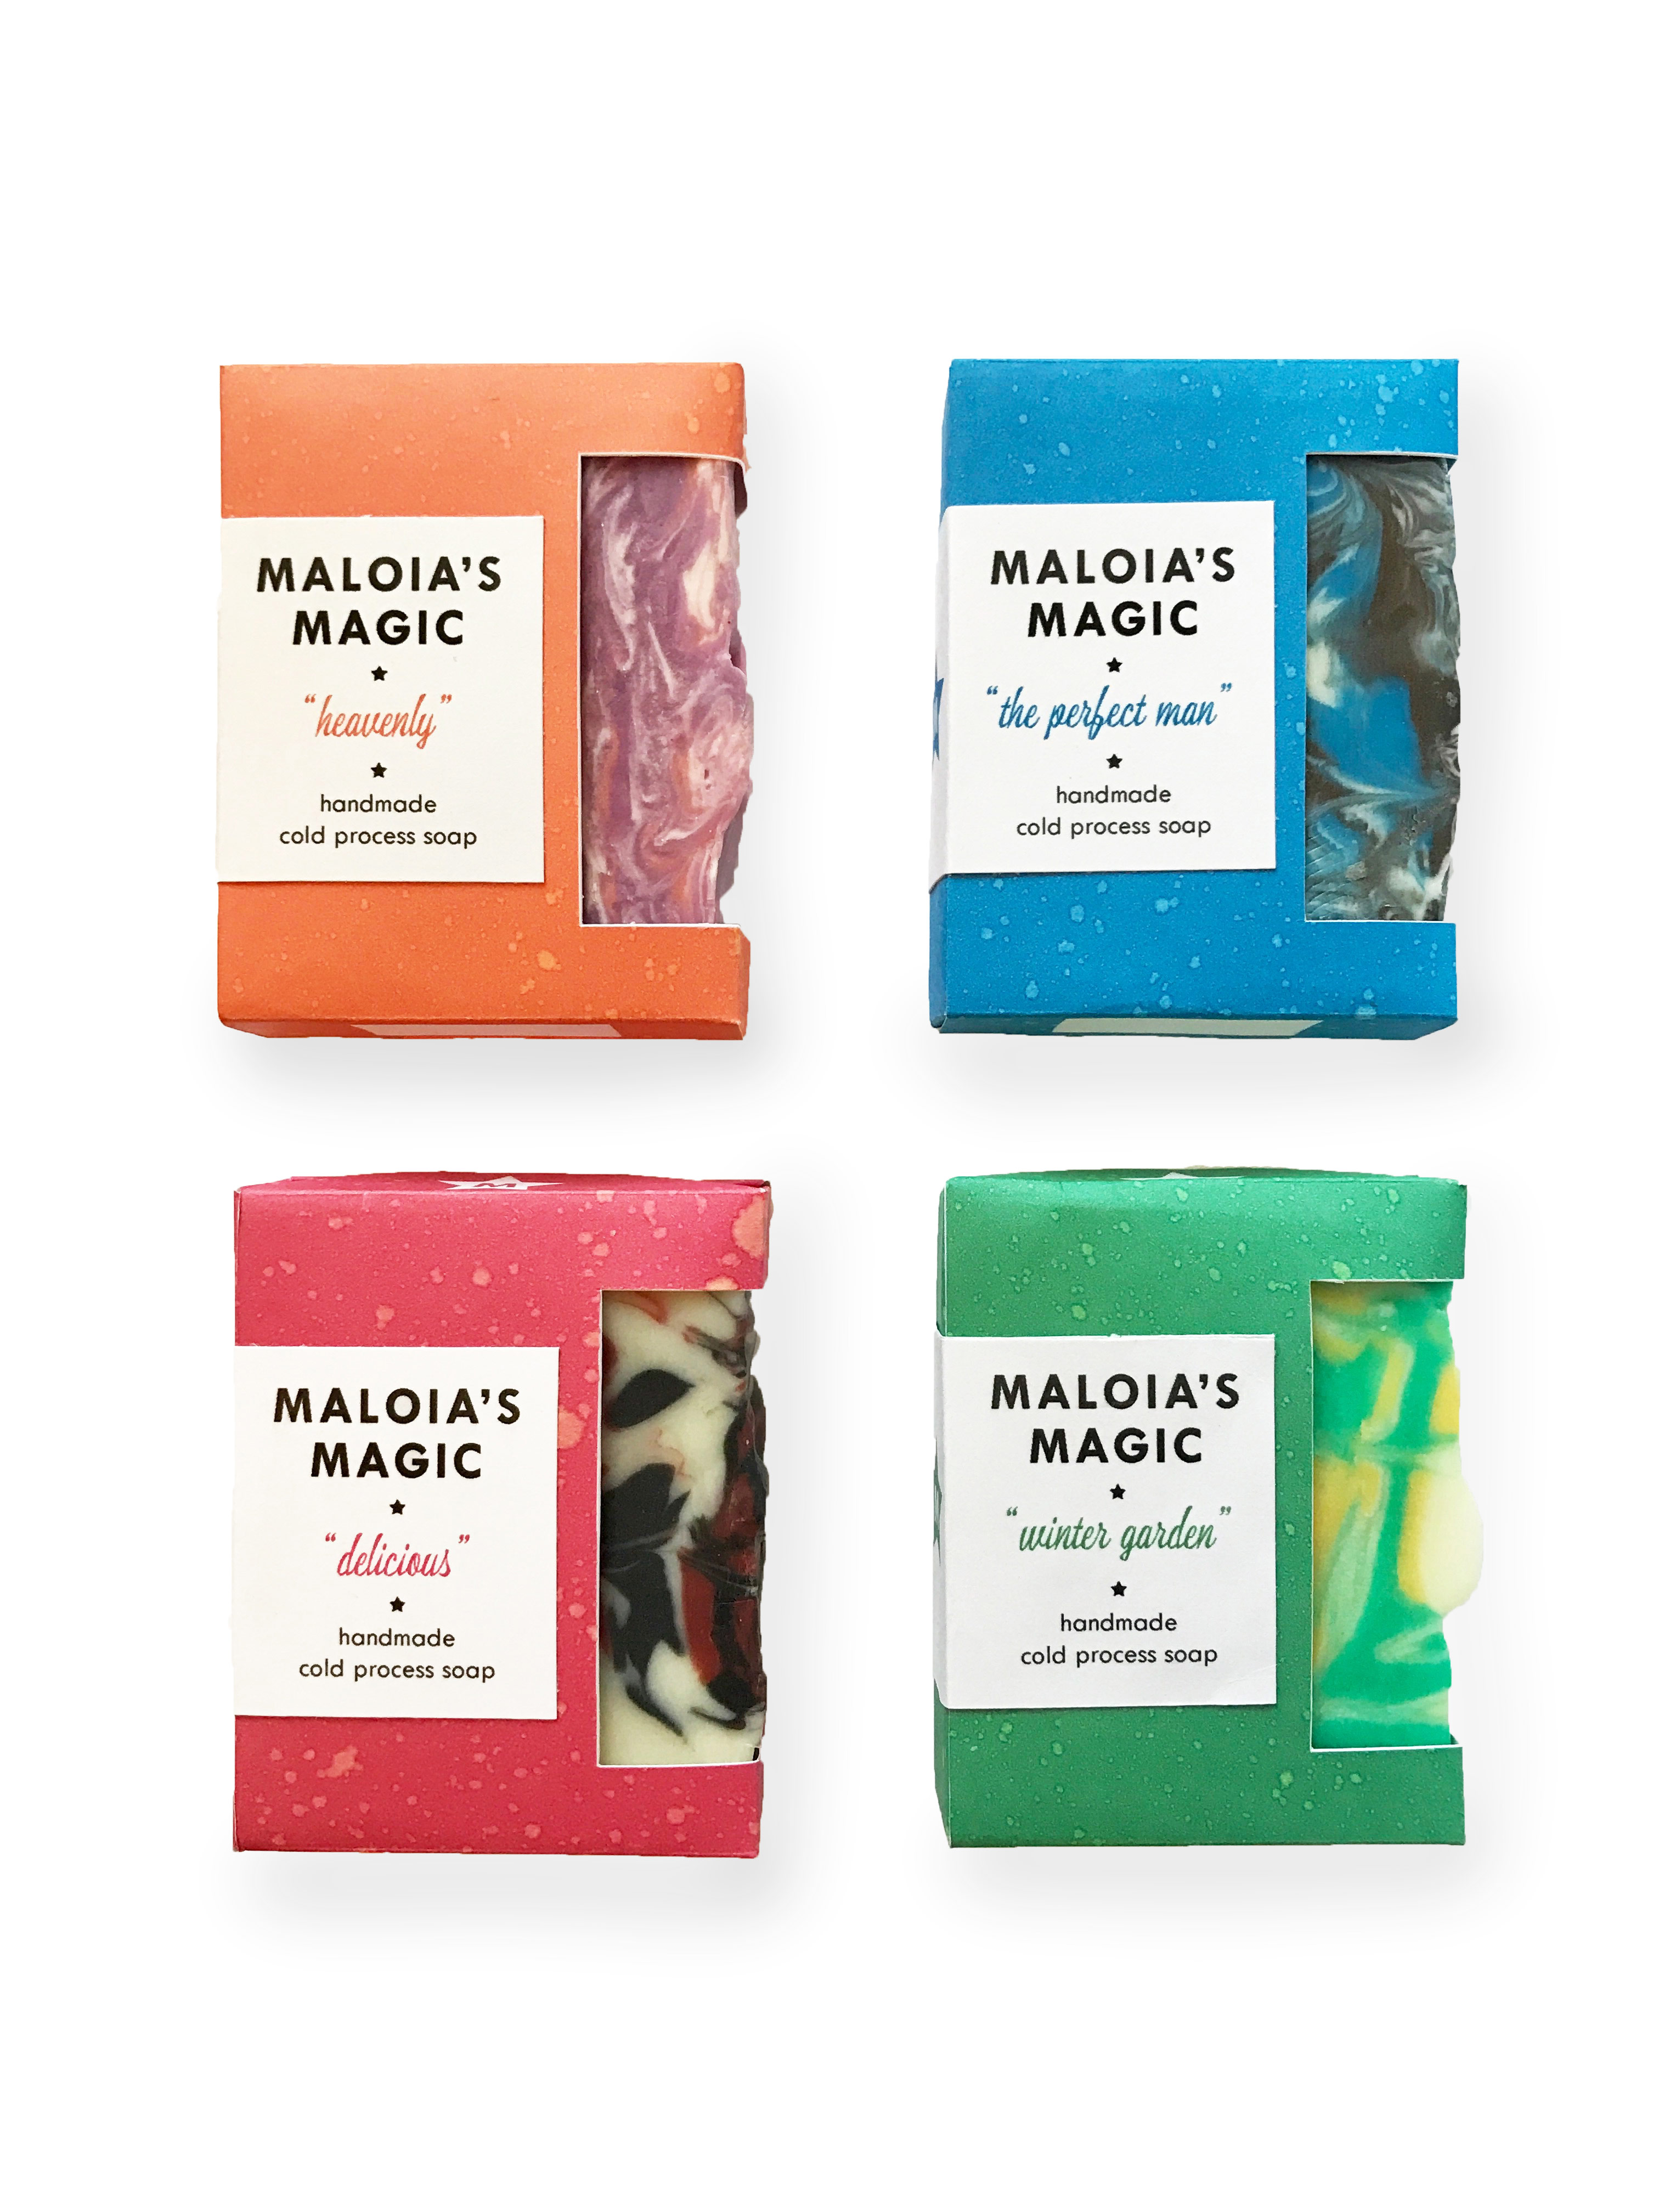 maloia's magic